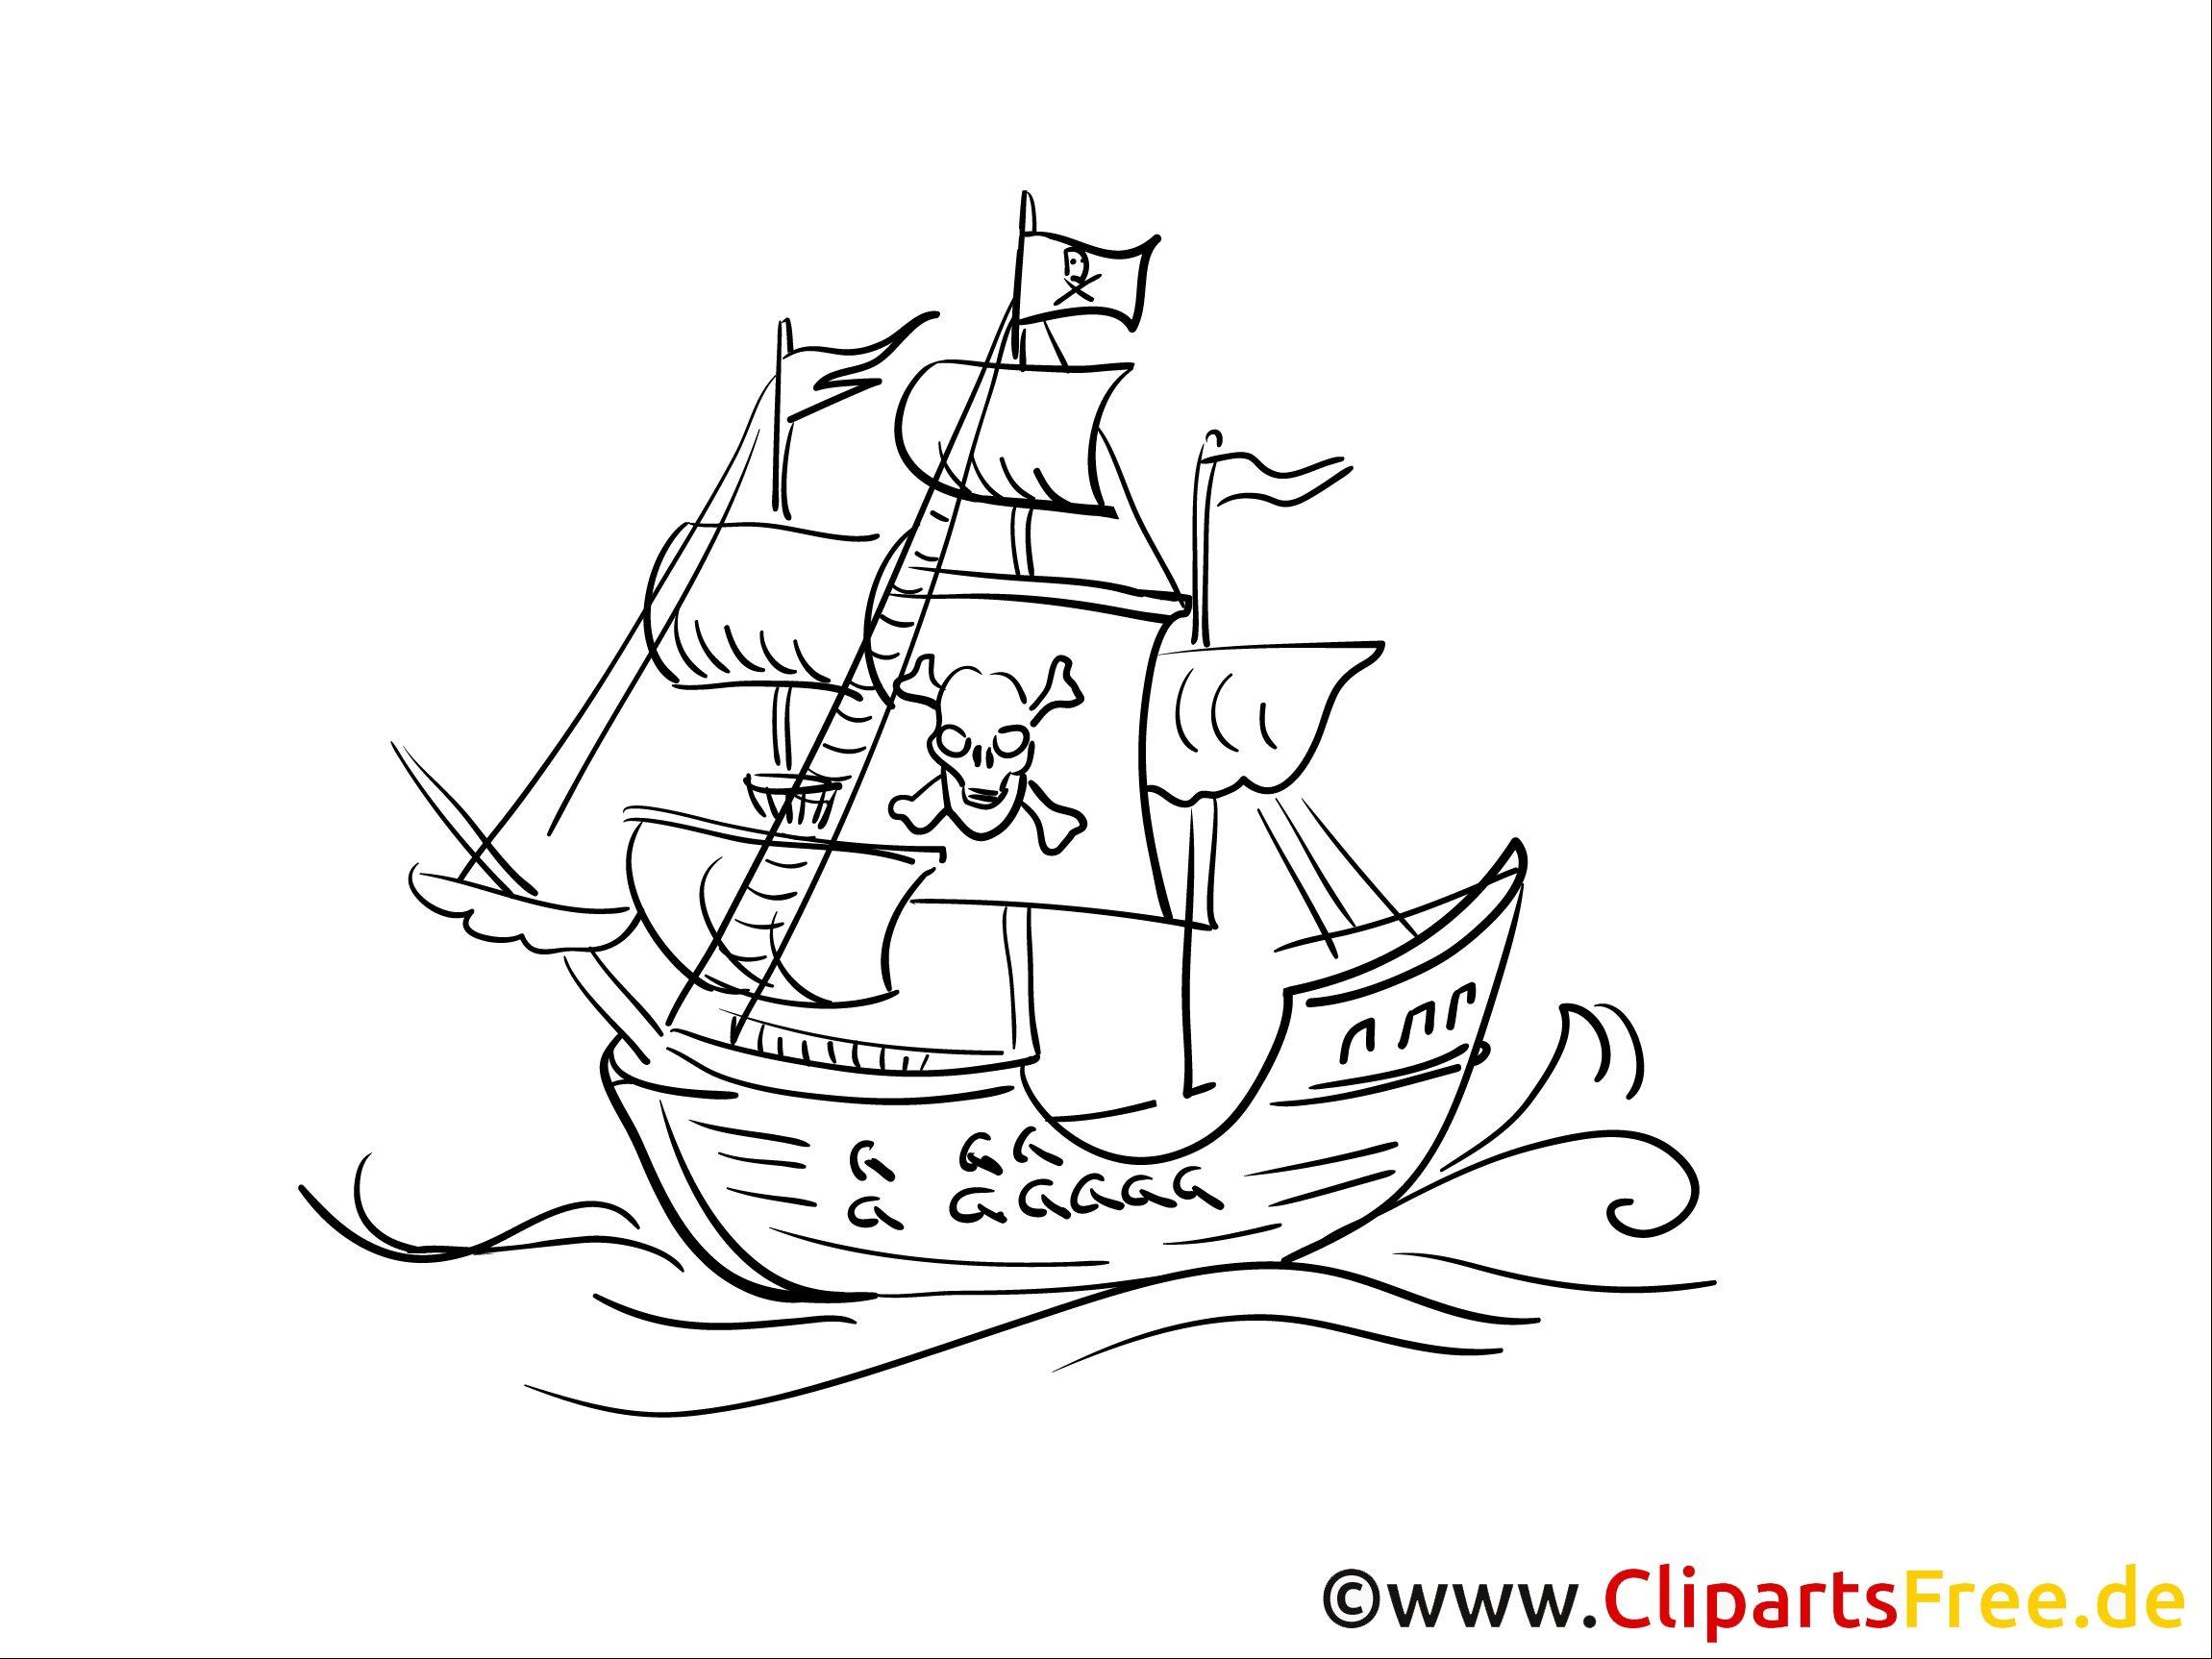 10 besser malvorlage piratenschiff erleuchtung 2020